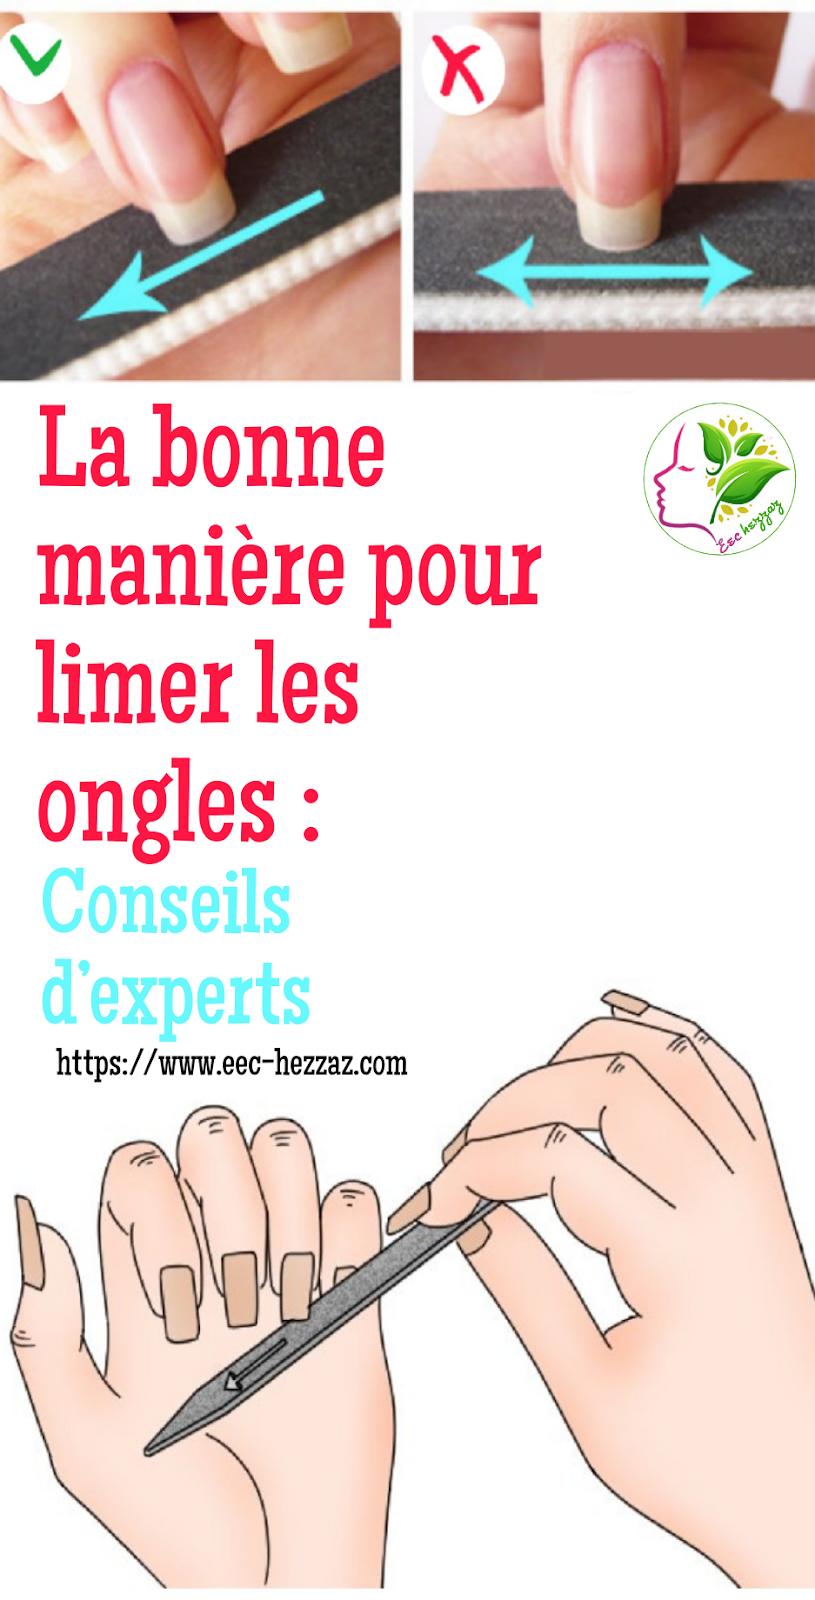 La bonne manière pour limer les ongles : Conseils d'experts